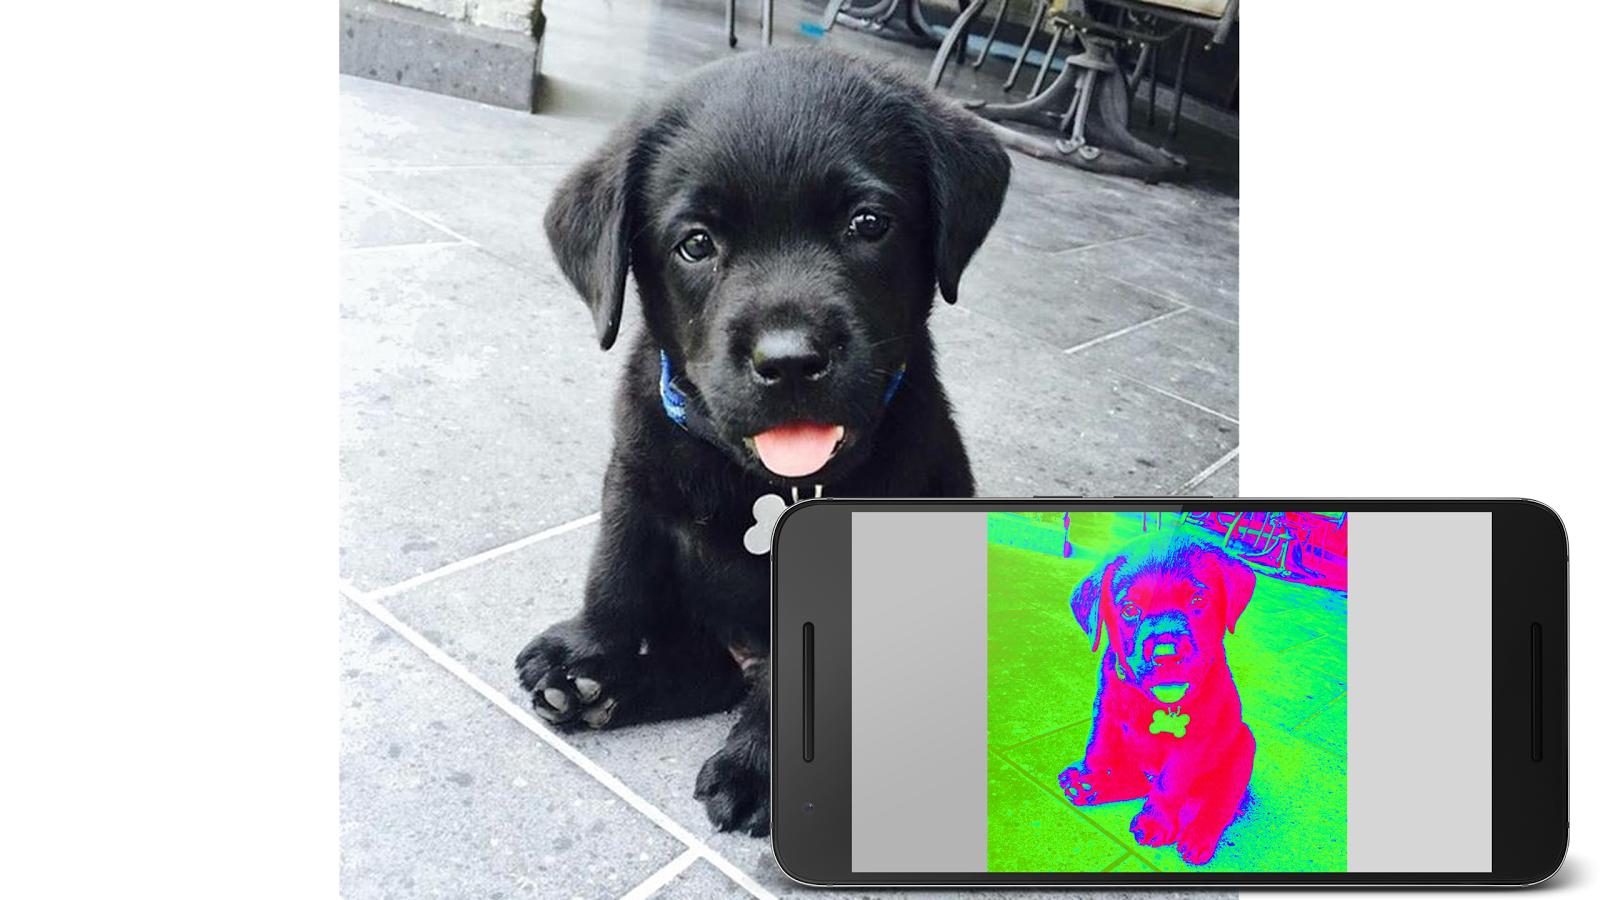 Cara Mudah Mengaktifkan Fitur Kamera Pendeteksi Panas di Android